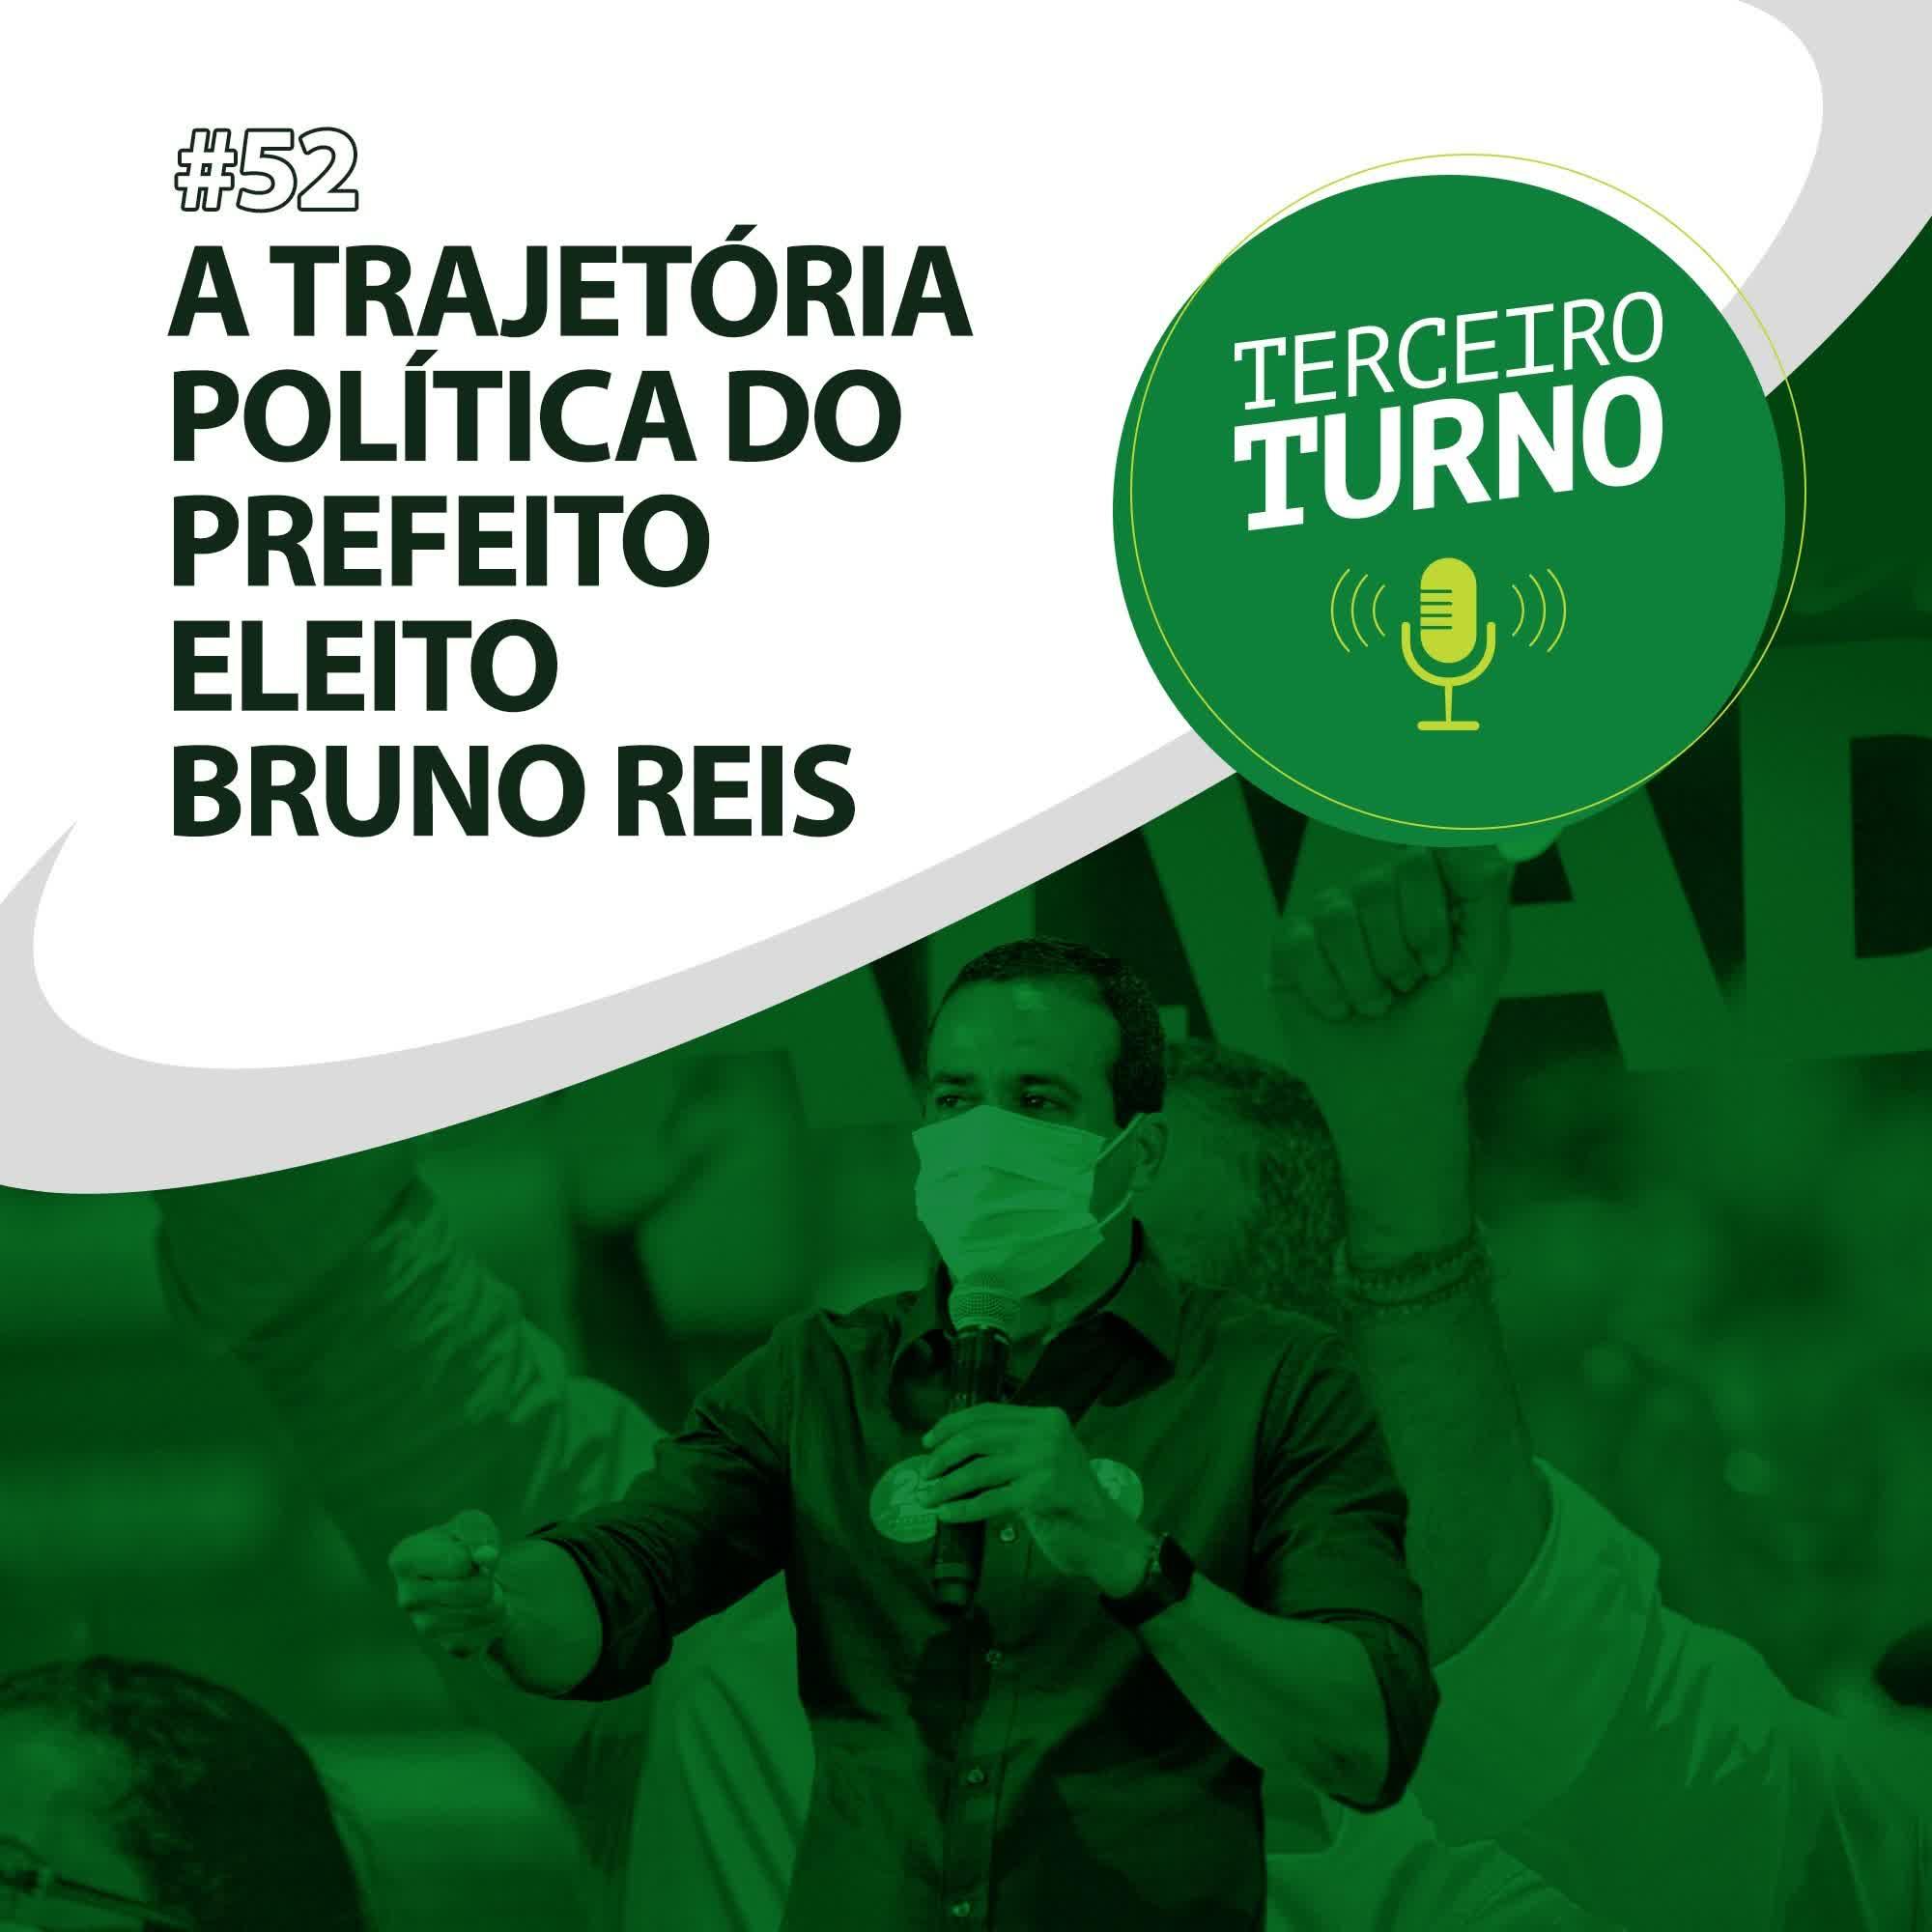 Terceiro Turno #53: A trajetória política do prefeito eleito Bruno Reis